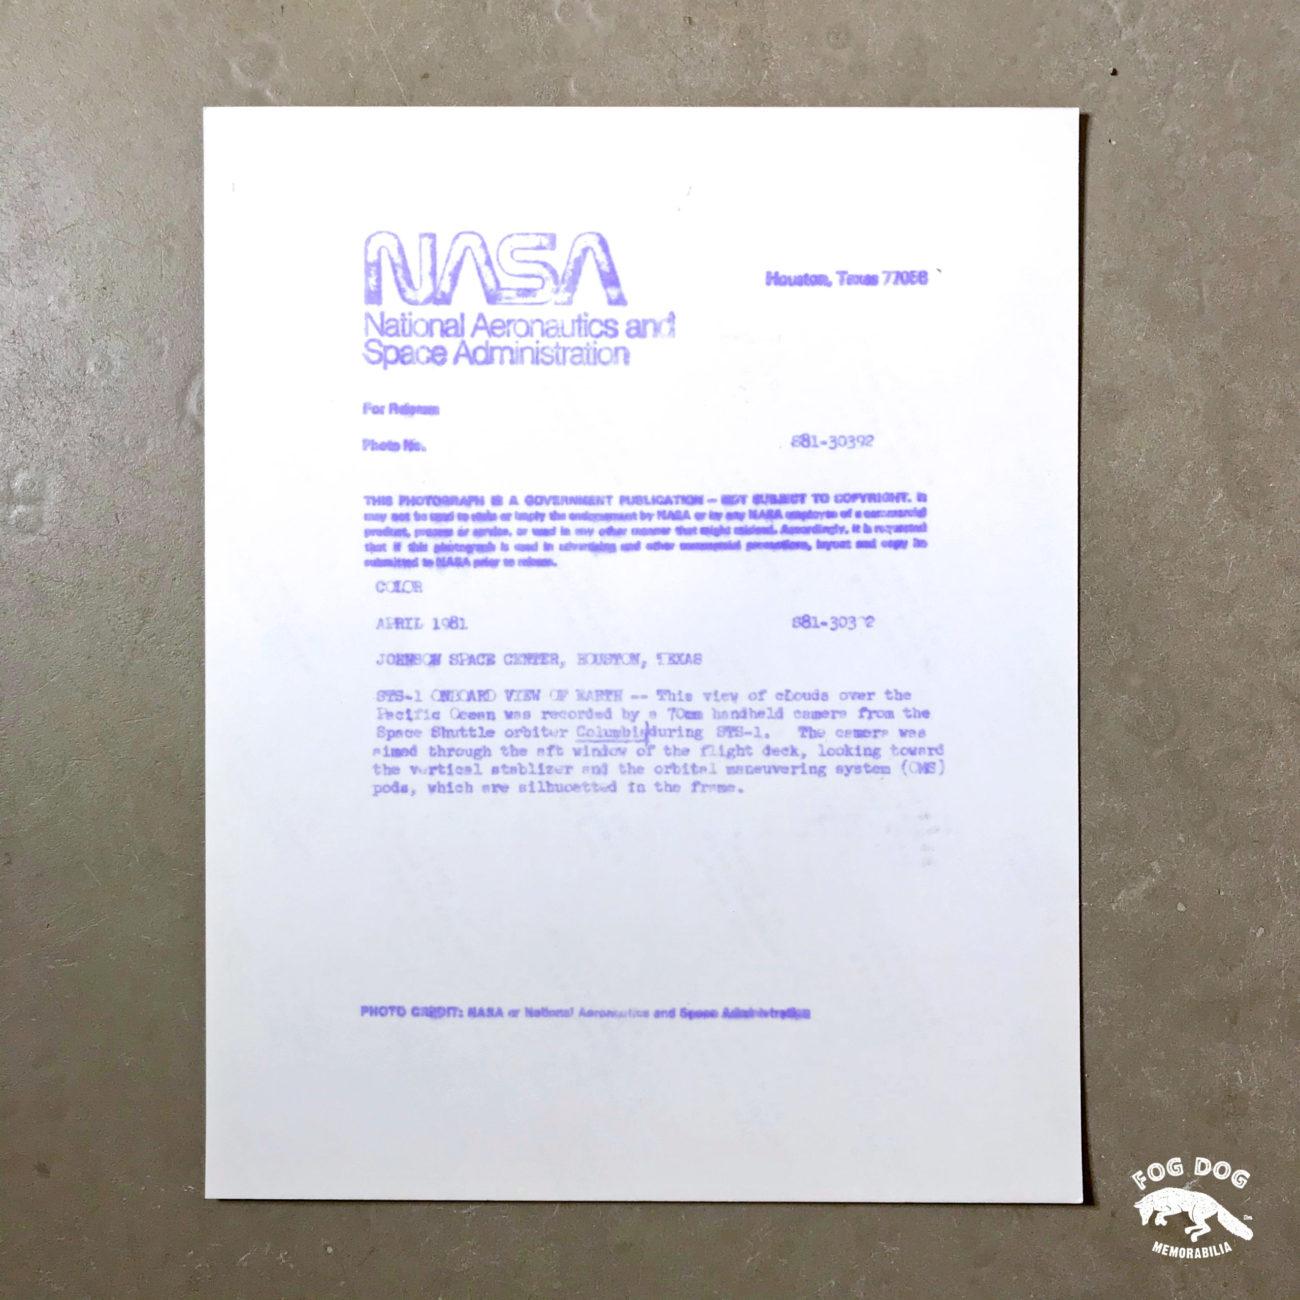 Oficiální fotografie NASA, číslovaná (1981)